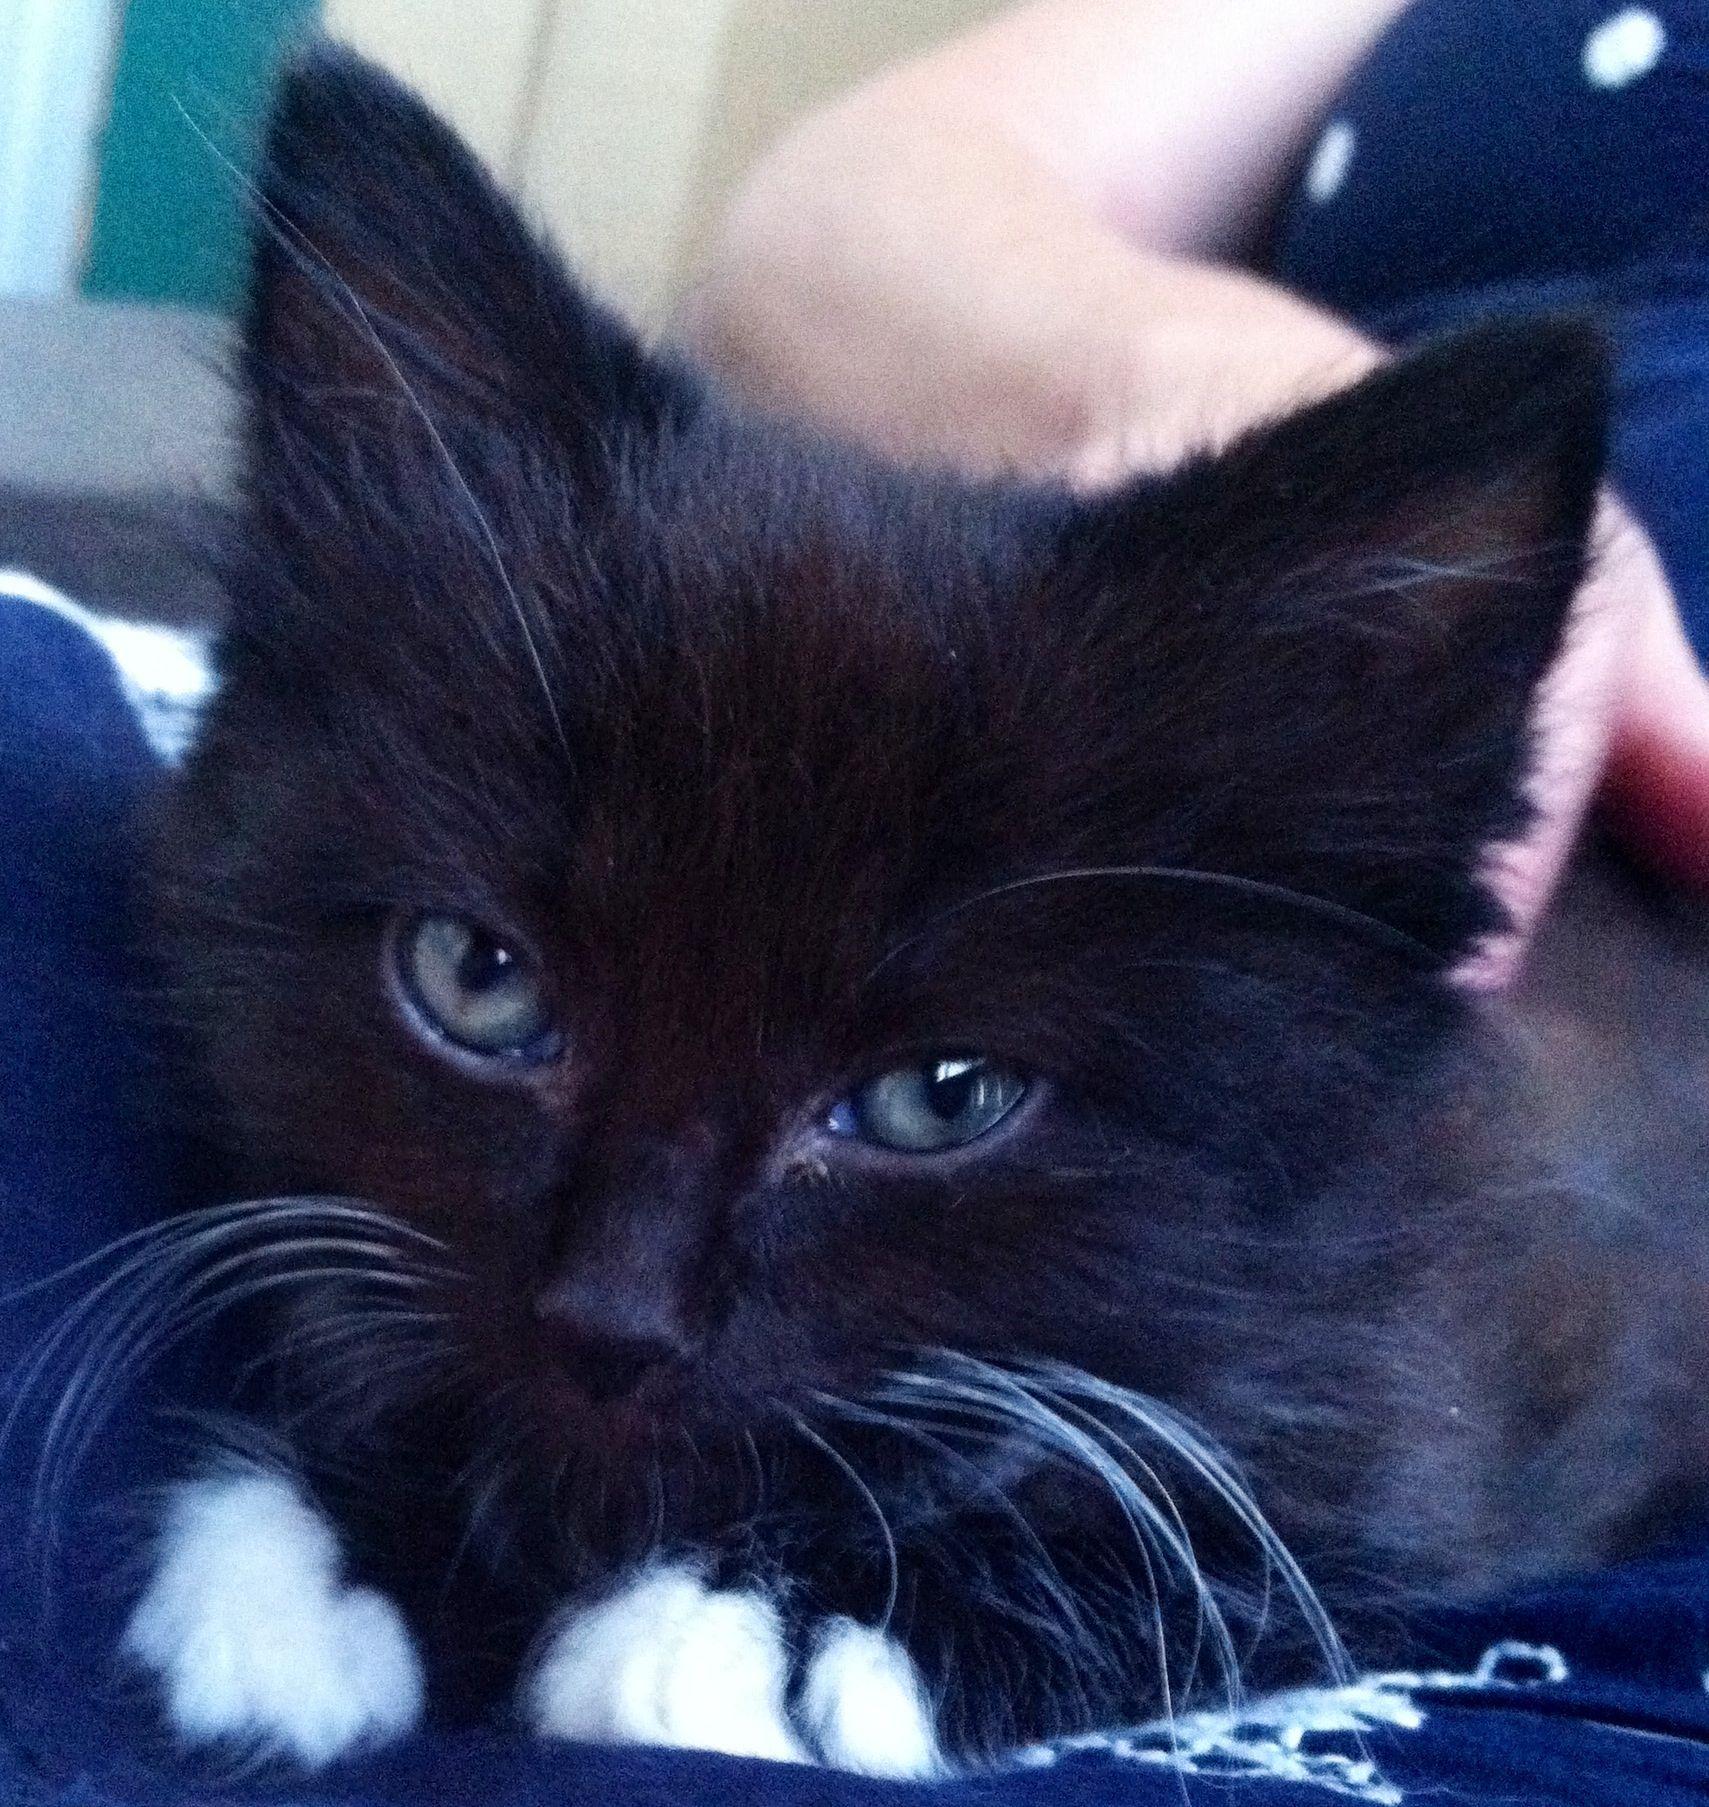 My tuxedo kitten